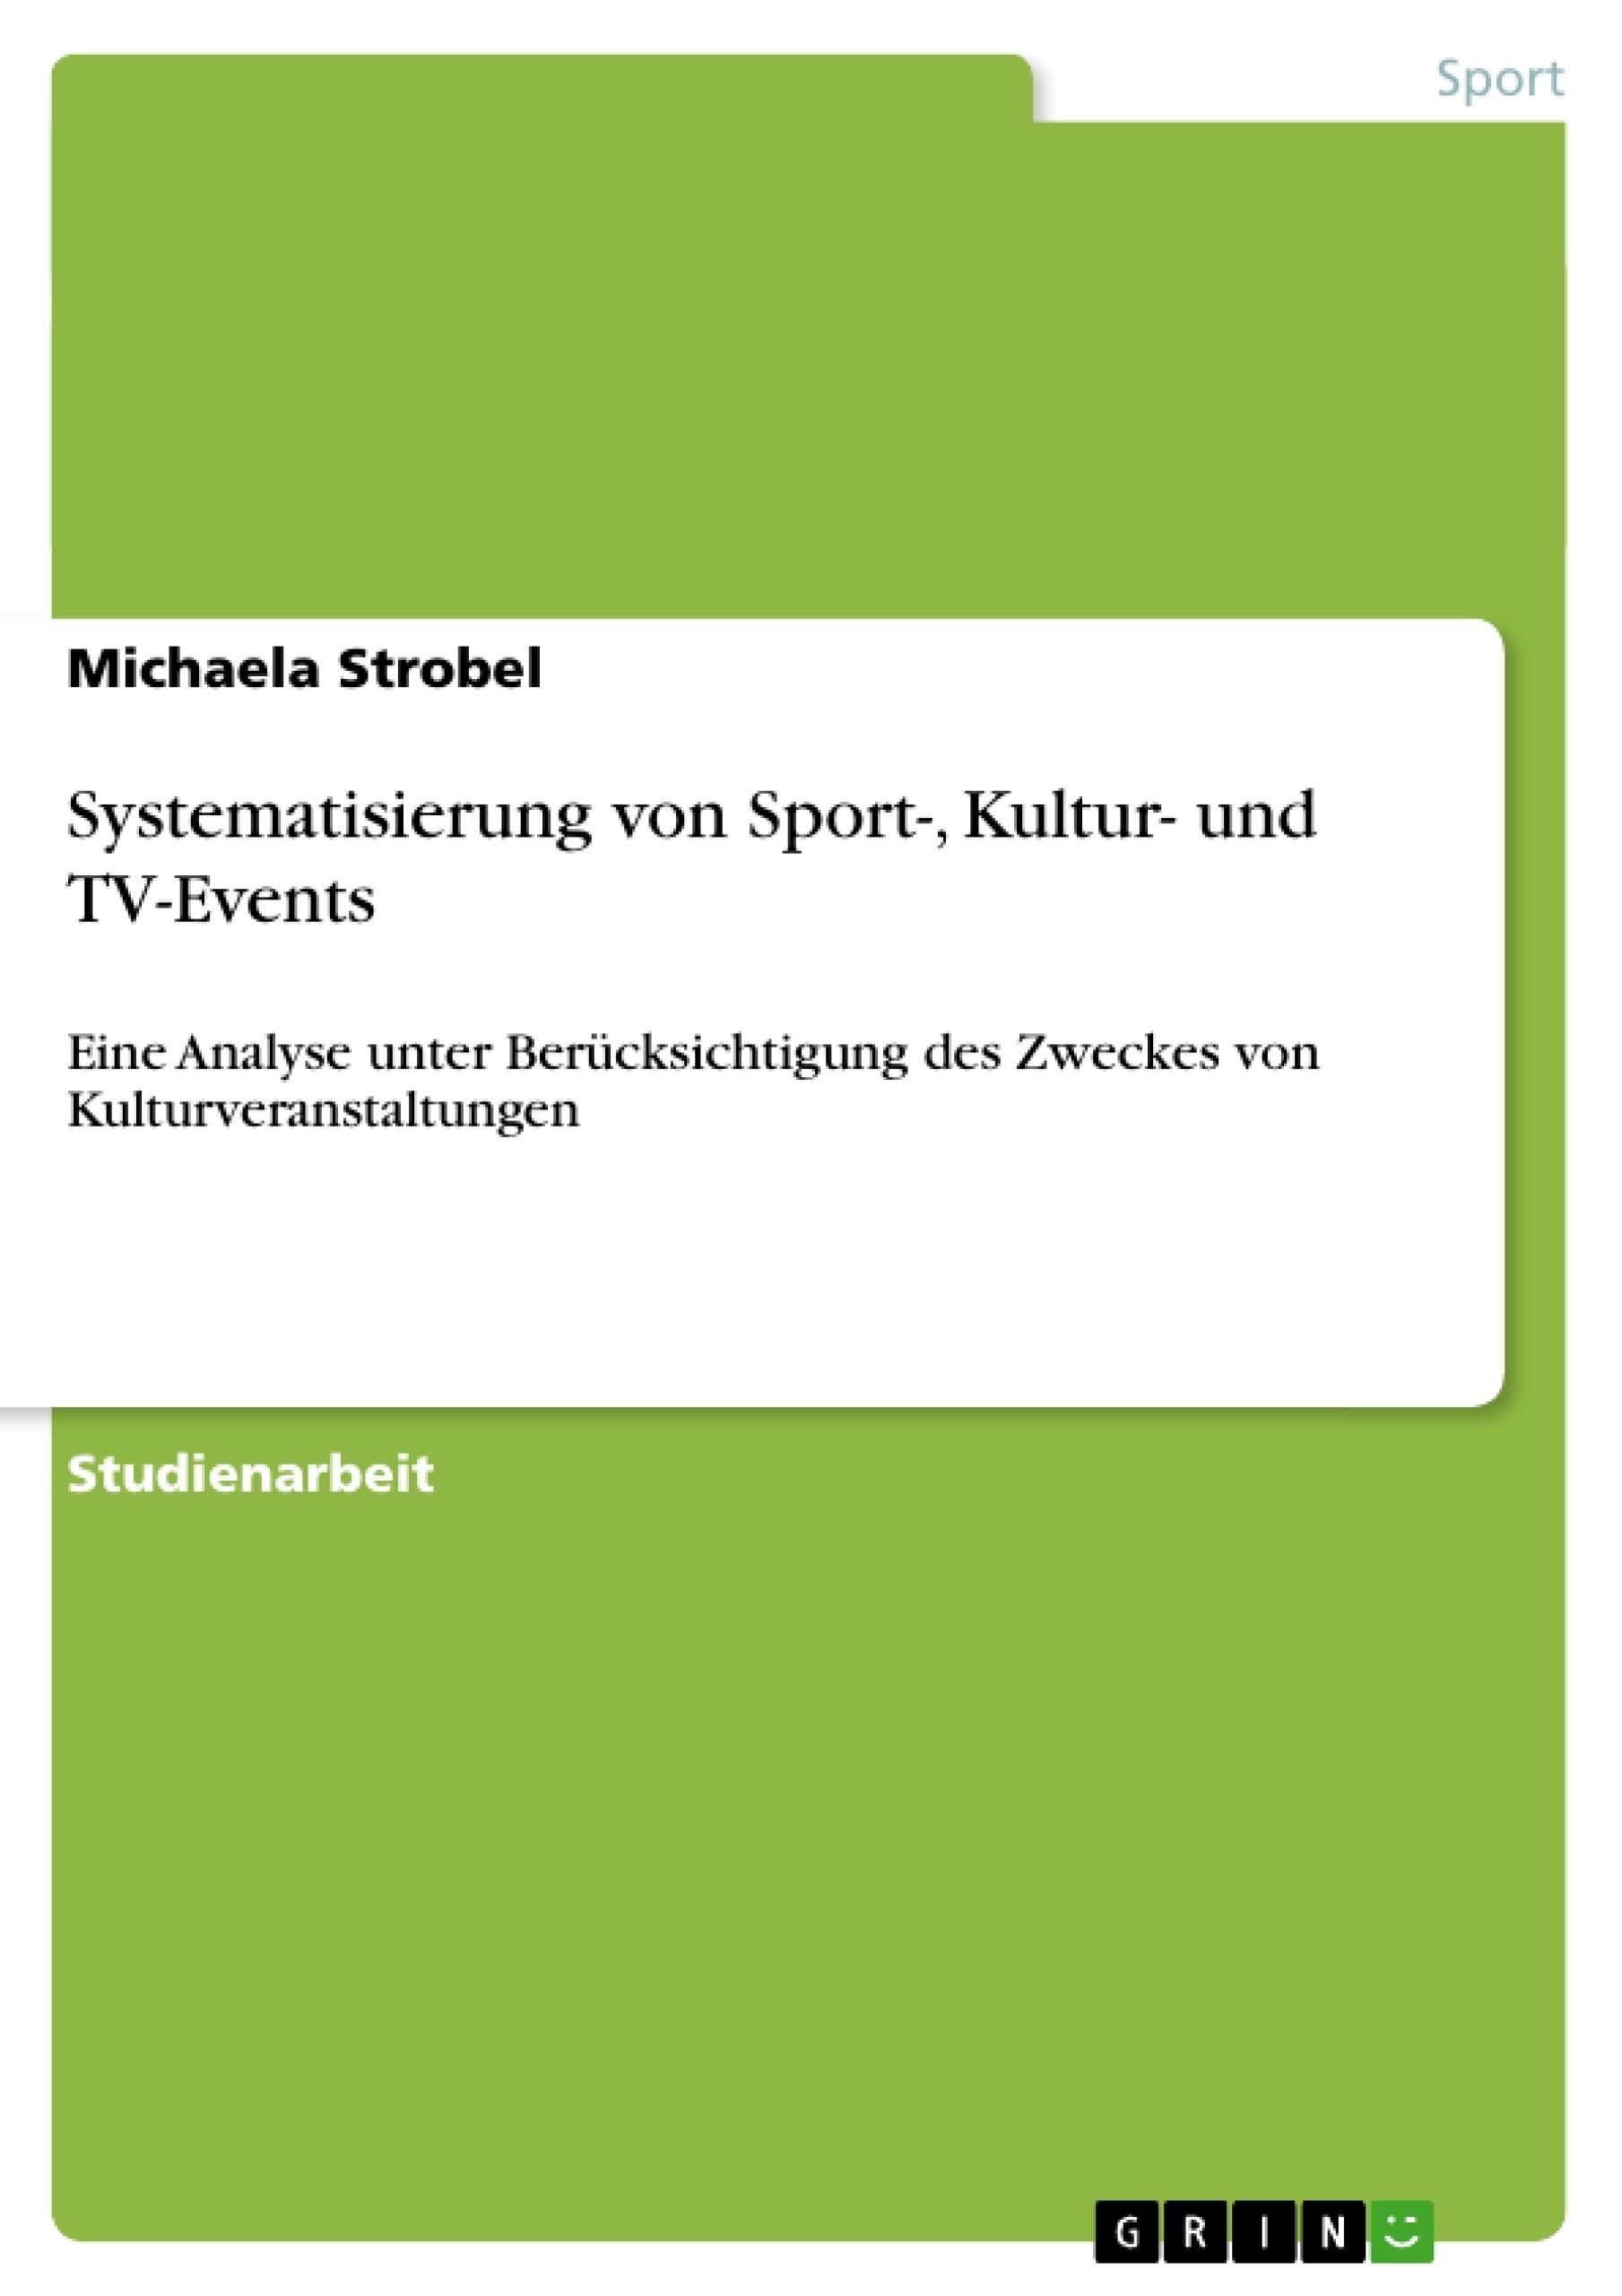 Titel: Systematisierung von Sport-, Kultur- und TV-Events